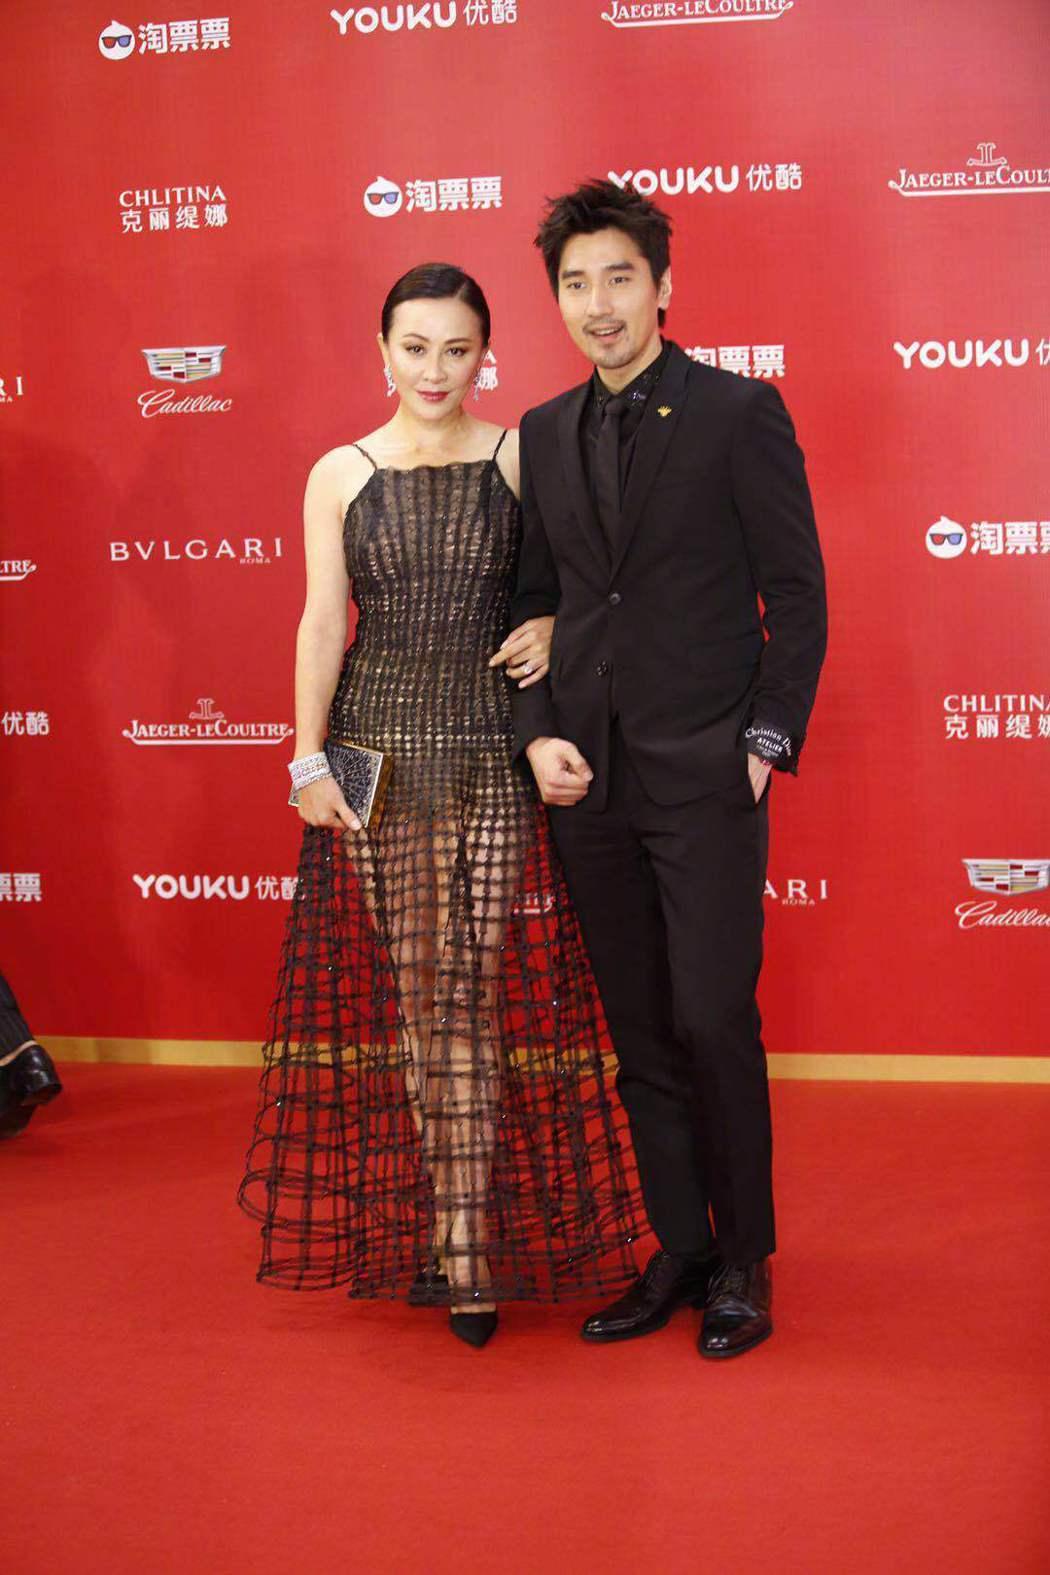 劉嘉玲與趙又廷走上紅地毯。圖/摘自看電影微博